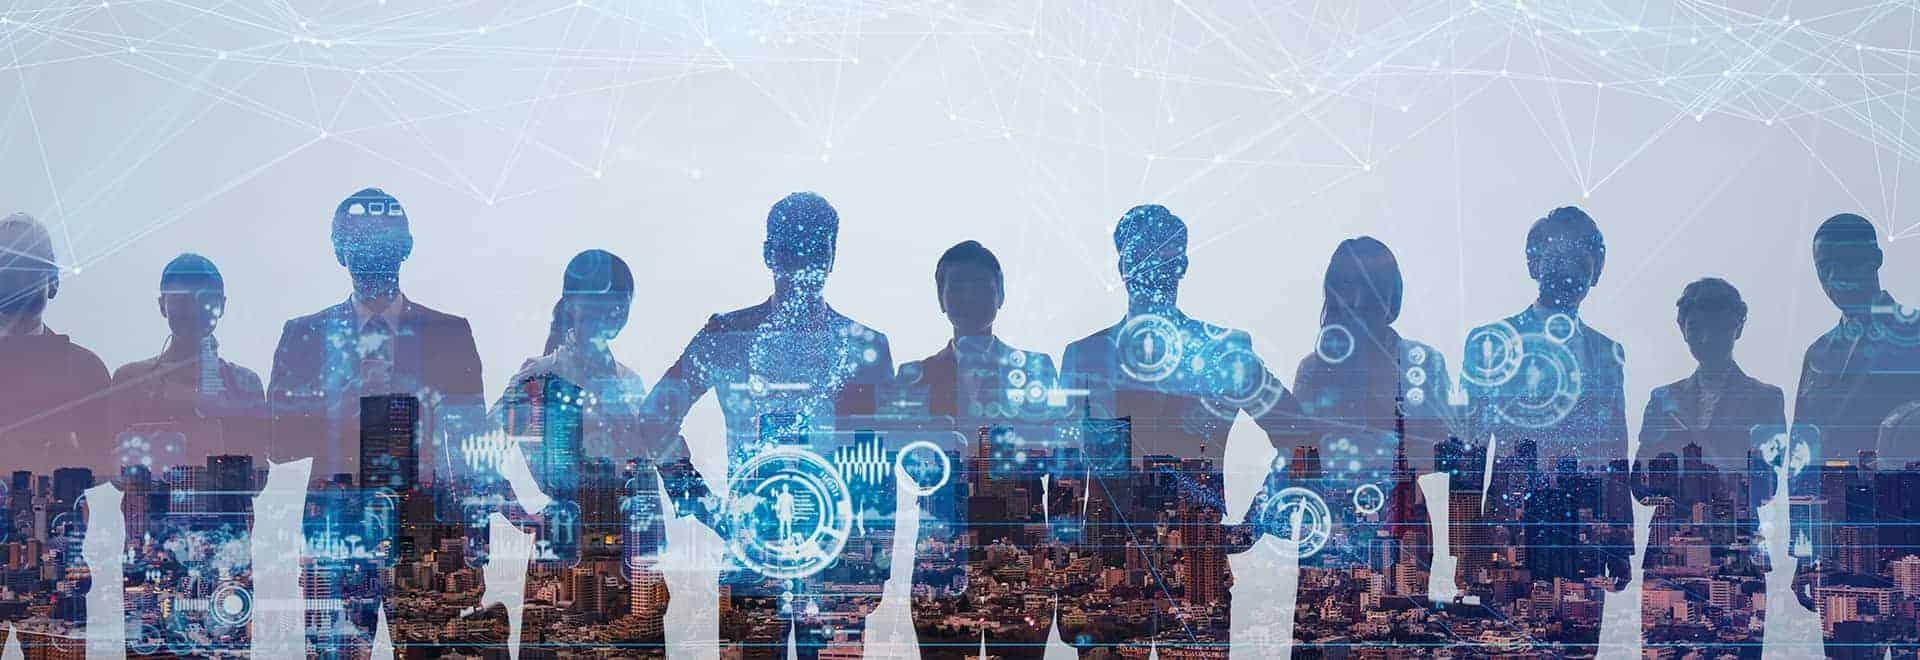 Gemeinsam erfolgreich durch Menschen und Daten